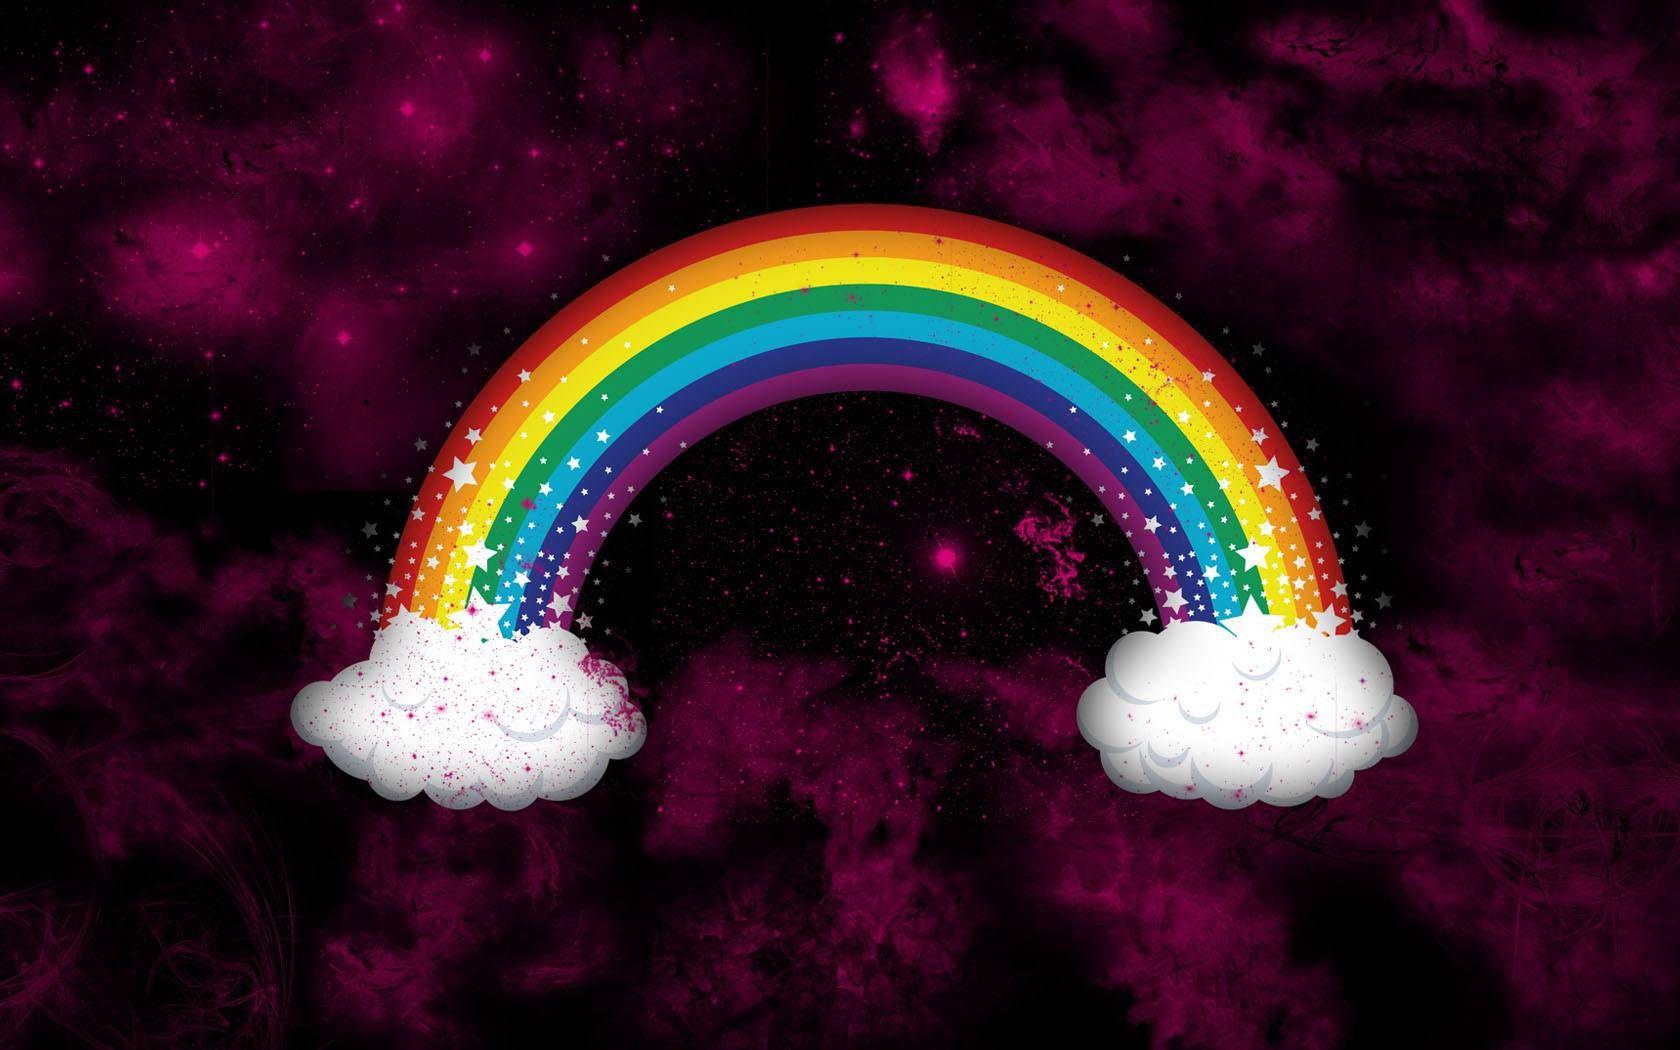 Кб радуга картинки